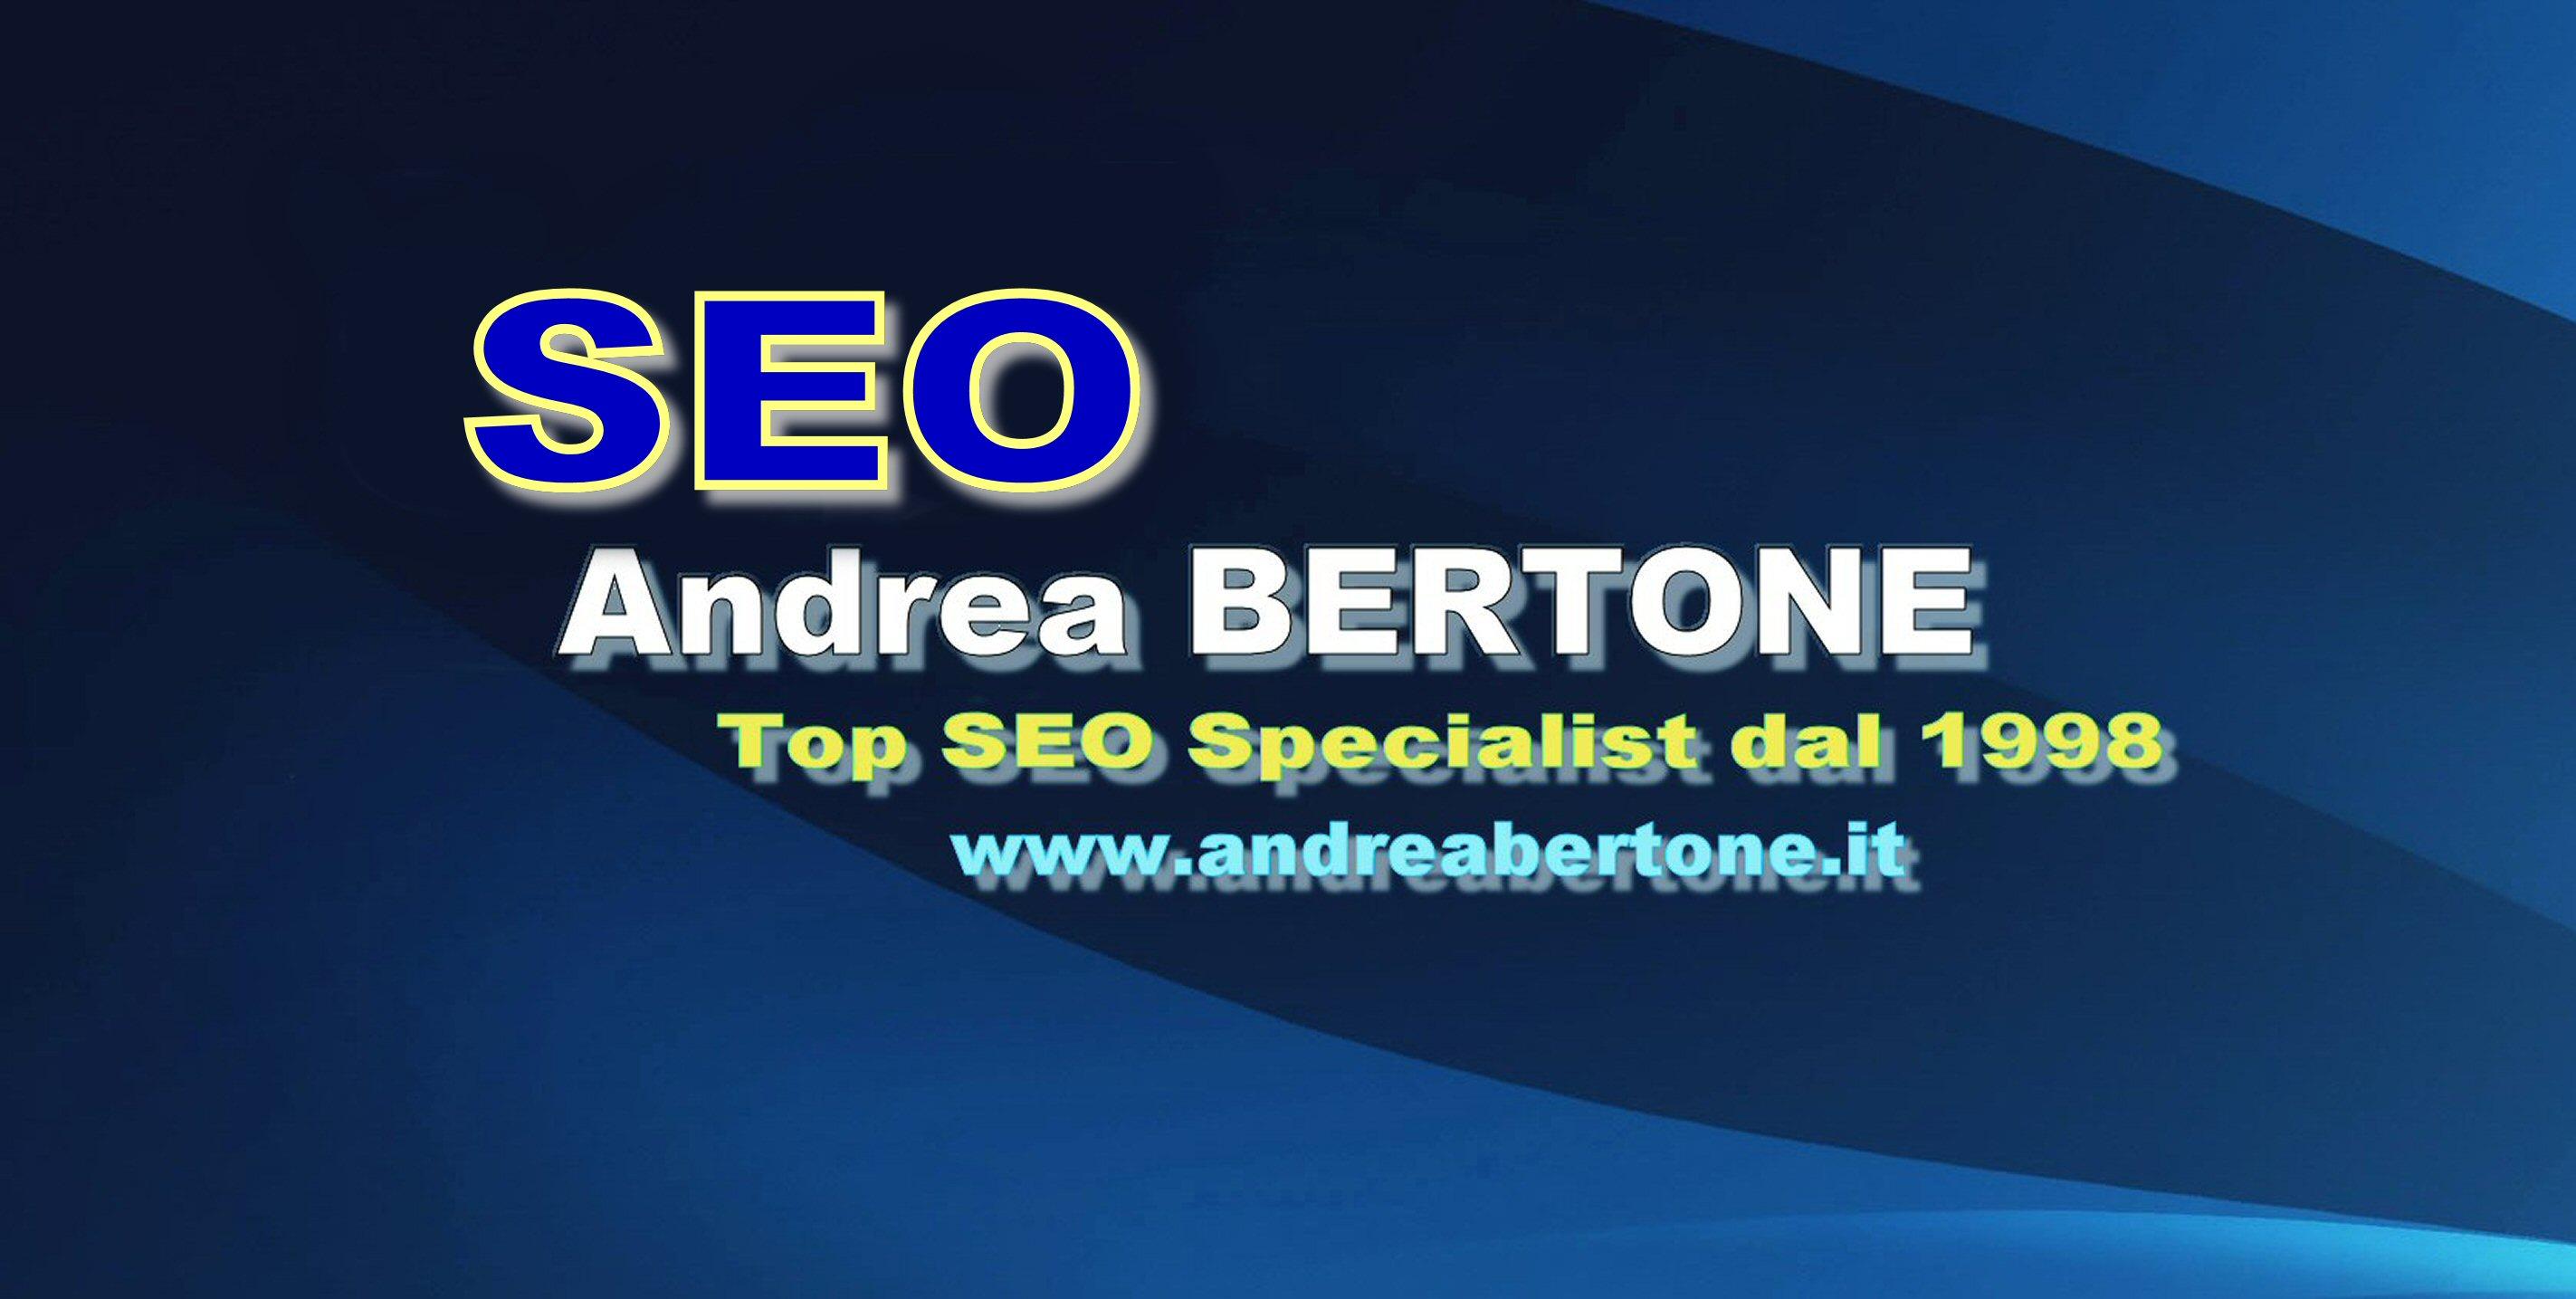 GOOGLE SEO ANDREA BERTONE